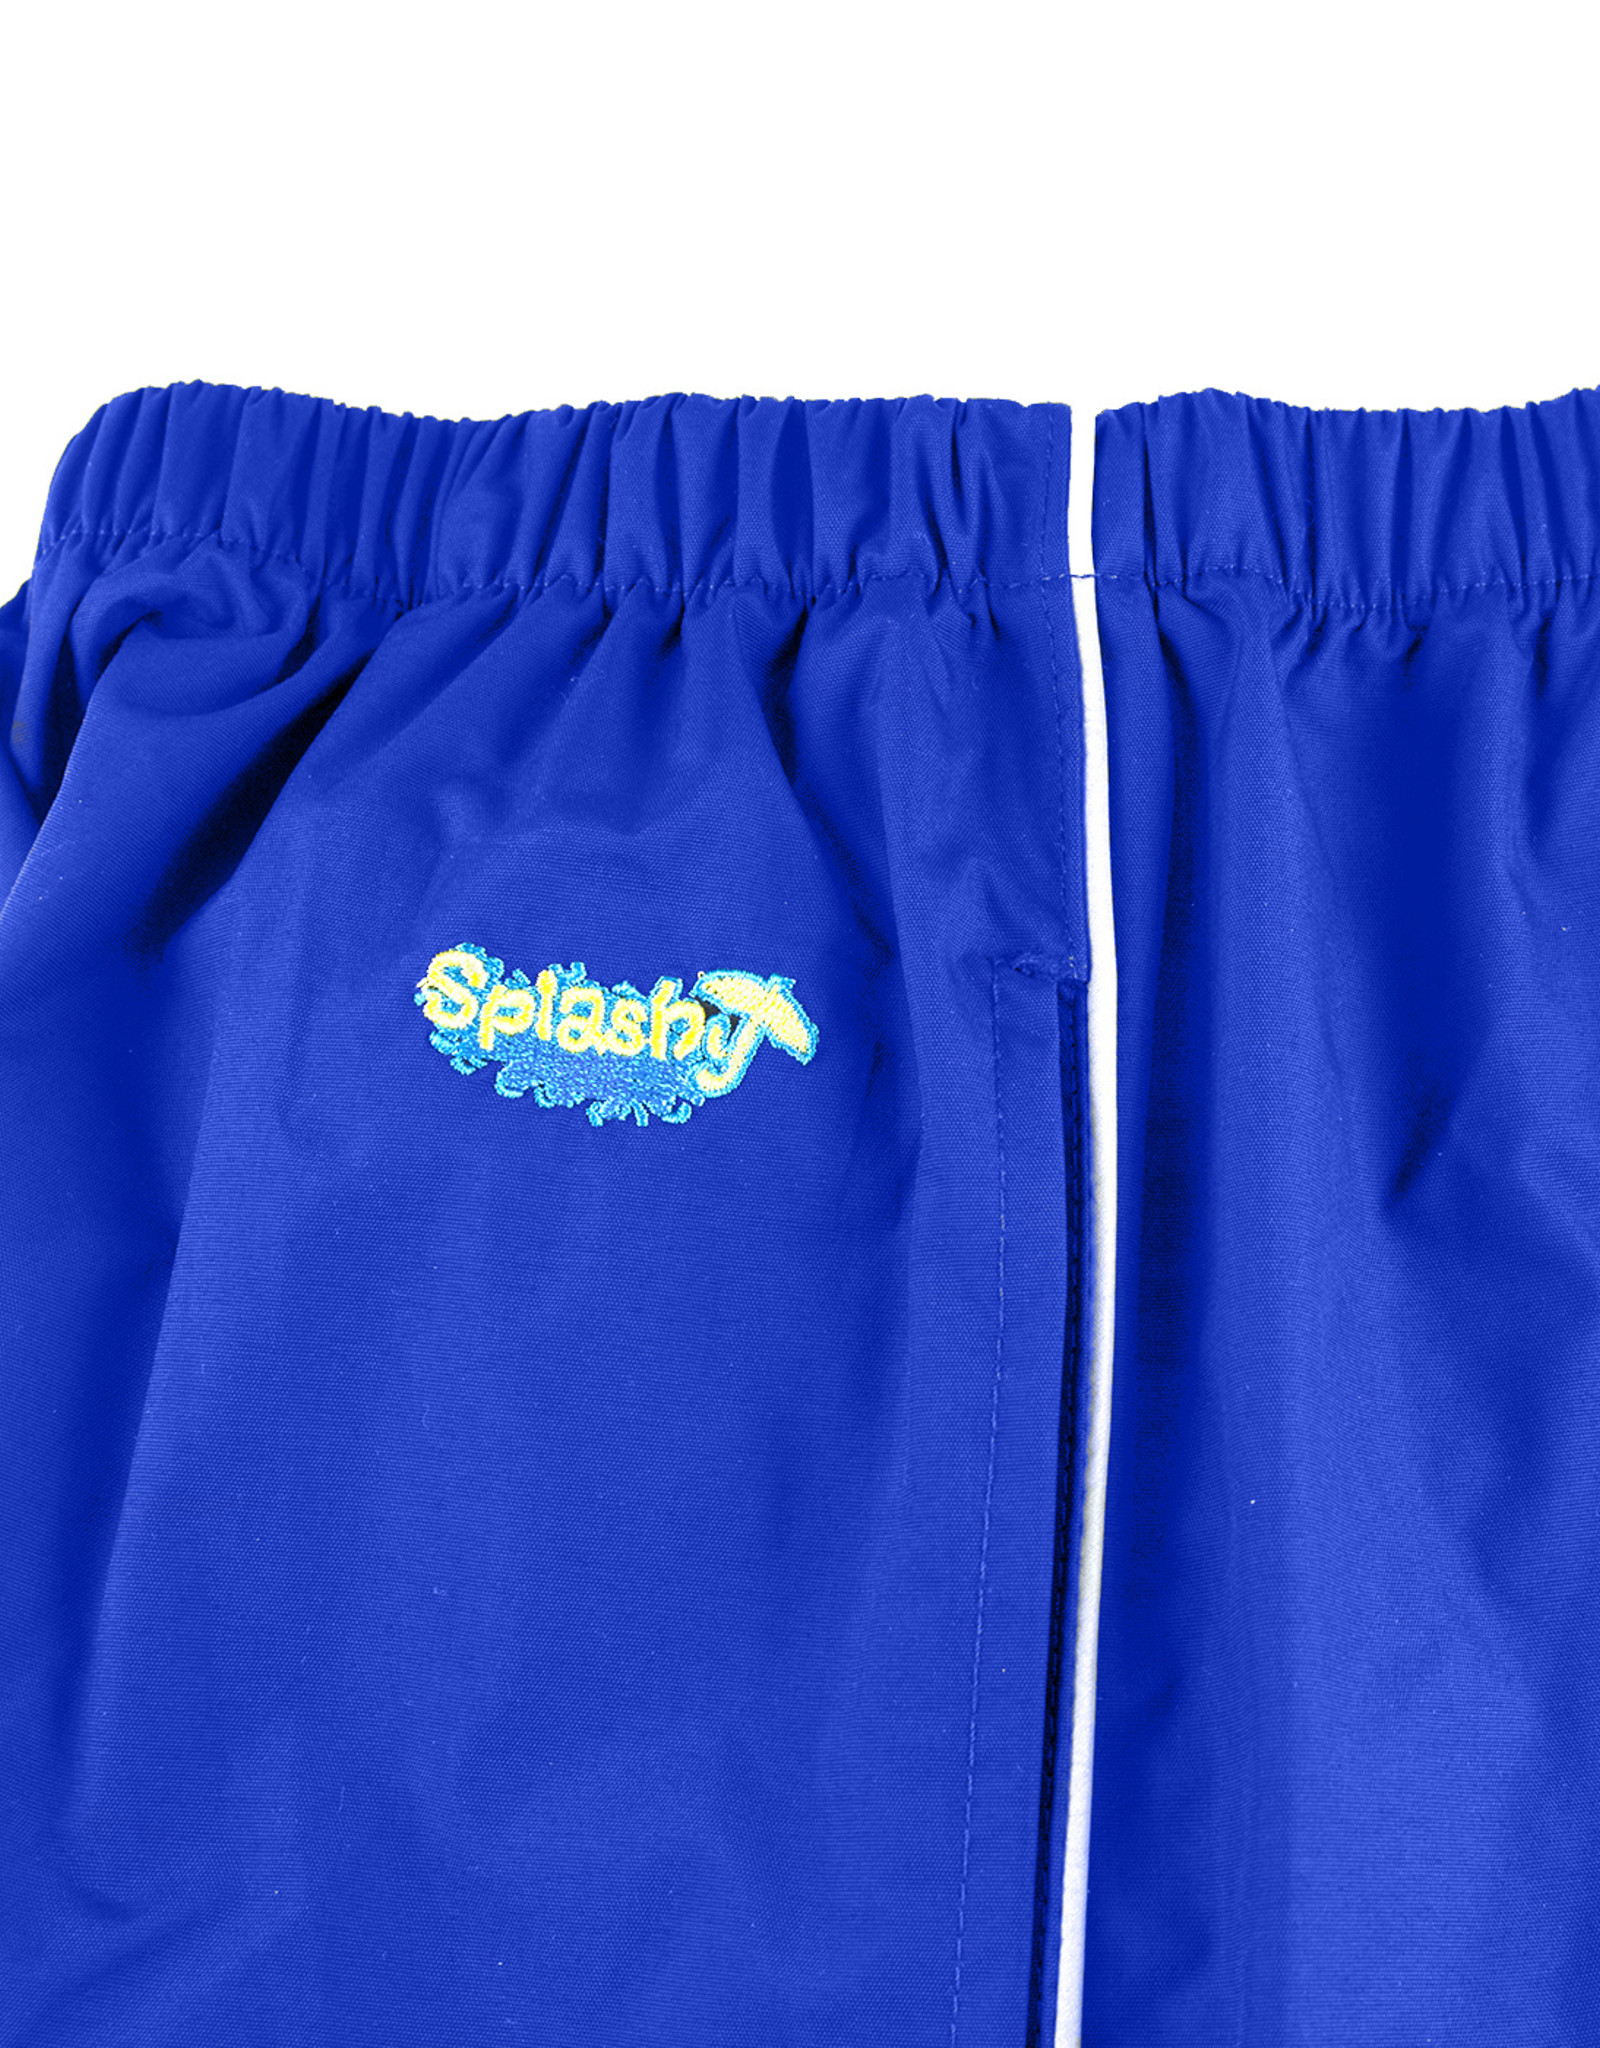 Splashy Boys/8/Royal/Splashpant